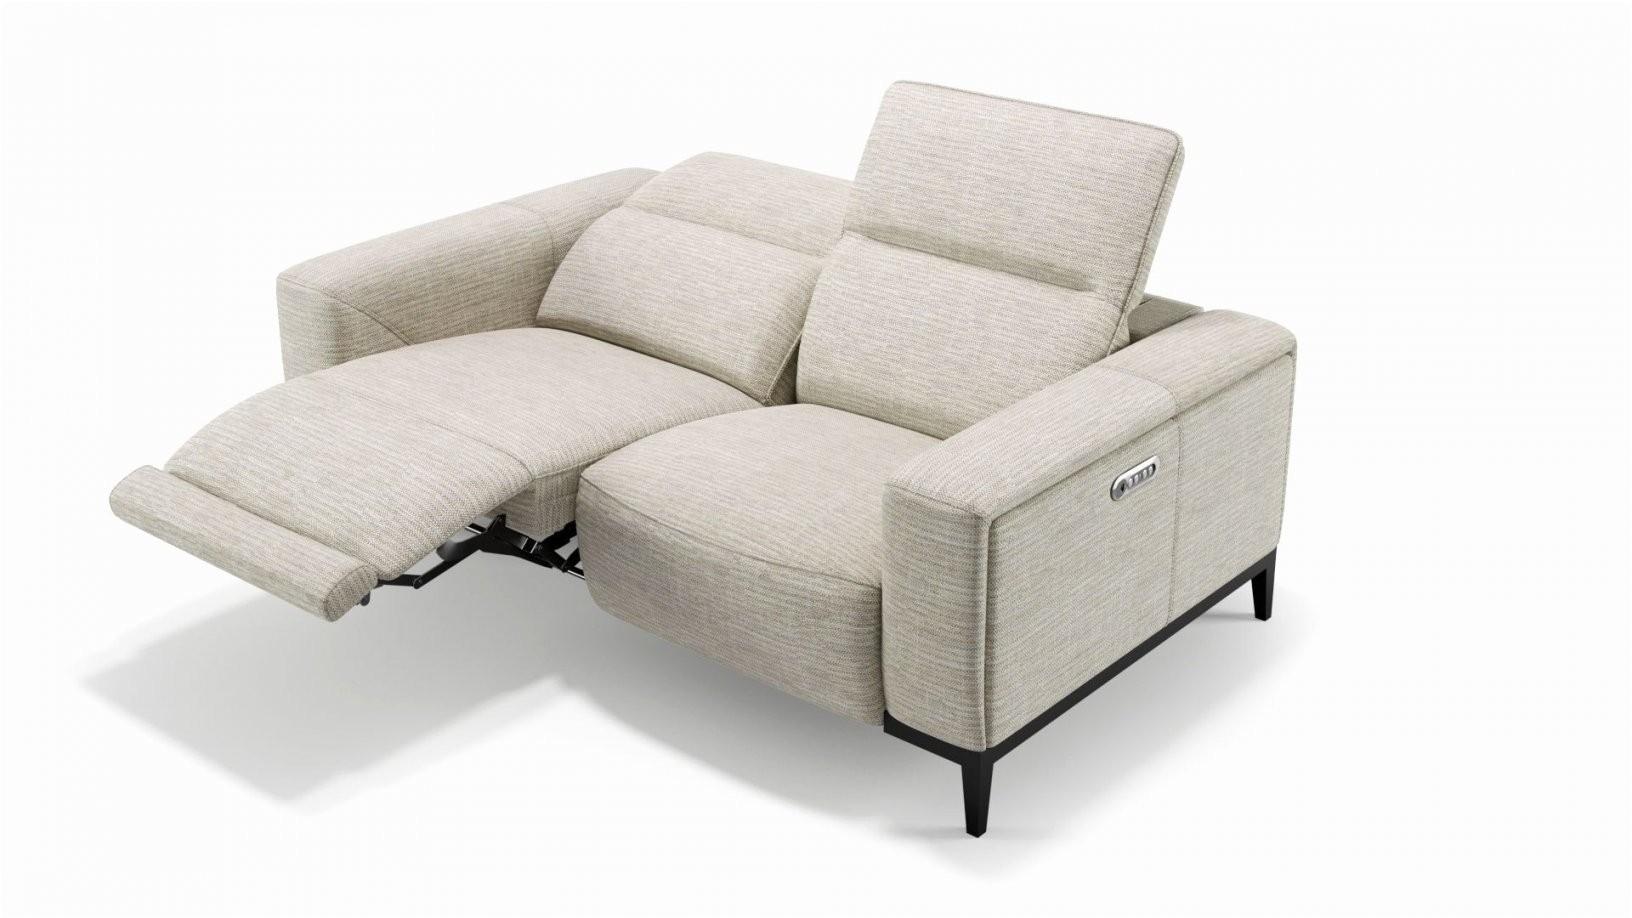 Kleines Sofa Mit Recamiere Beste 2 Sitzer Sofa Mit Recamiere von 2 Sitzer Sofa Mit Recamiere Bild